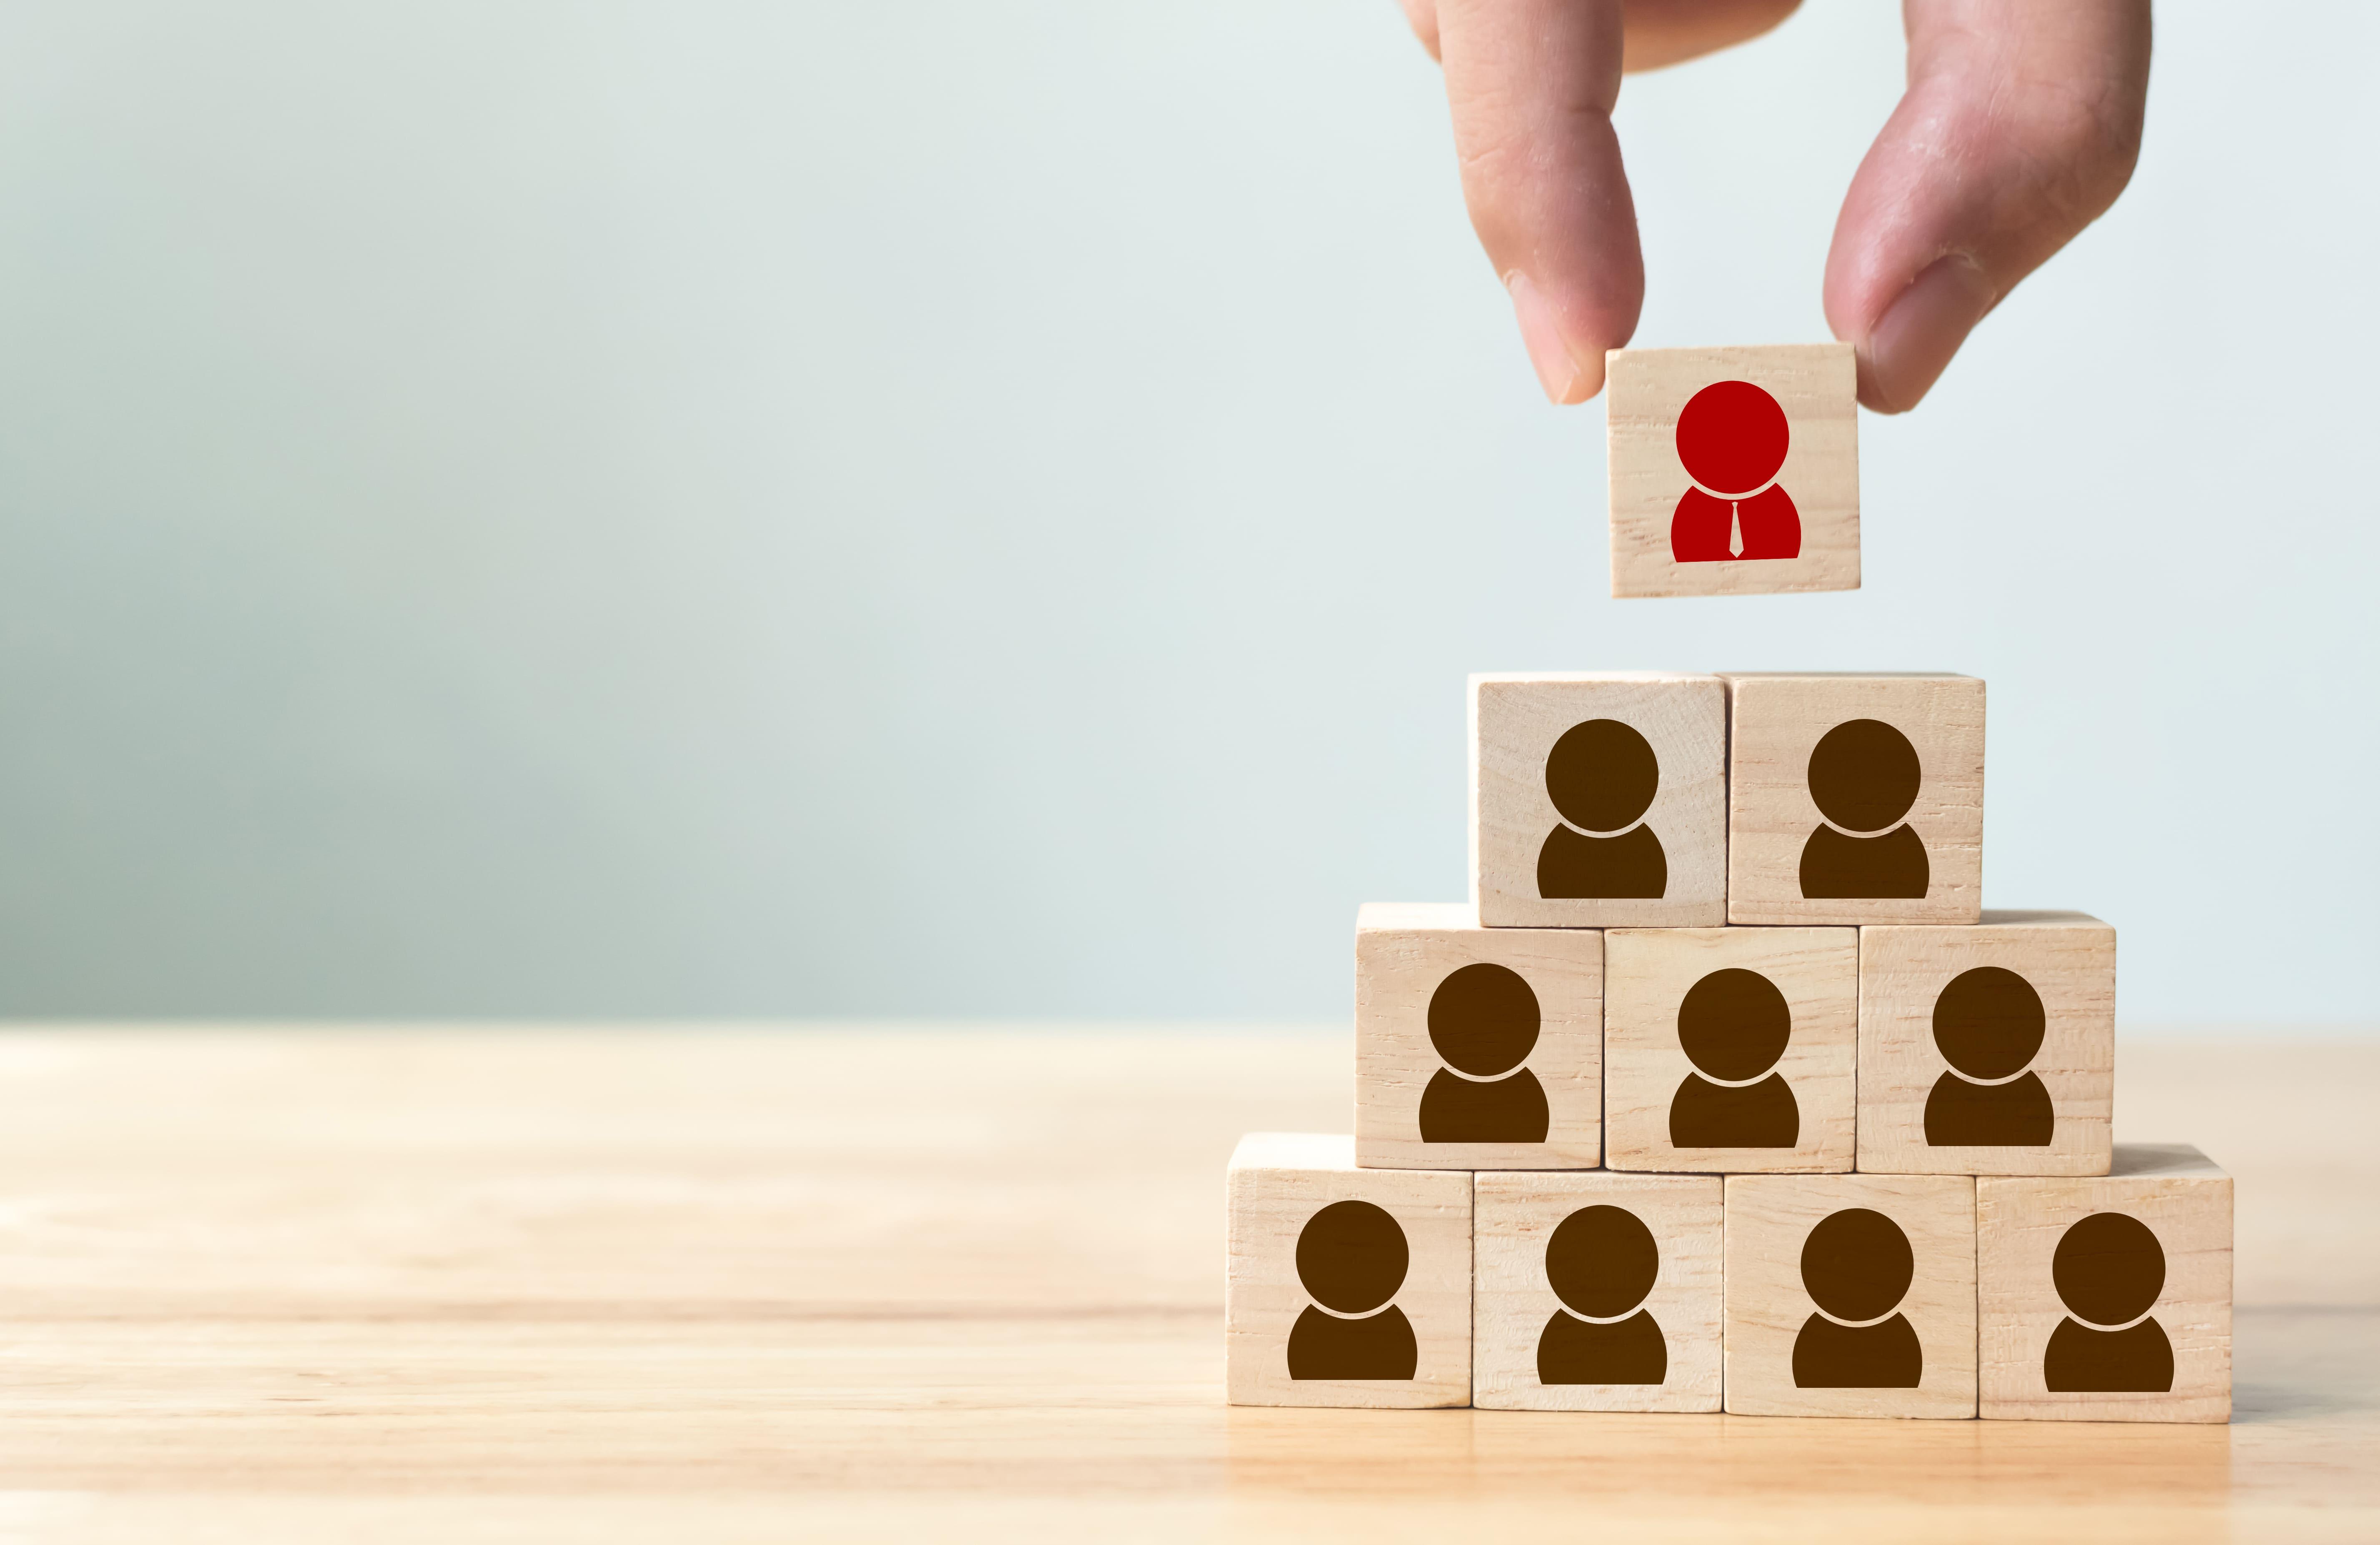 Imagem de alguns blocos imitando líder e gestor para remeter ao empreendedor que deseja implementar a gestão horizontal e vertical